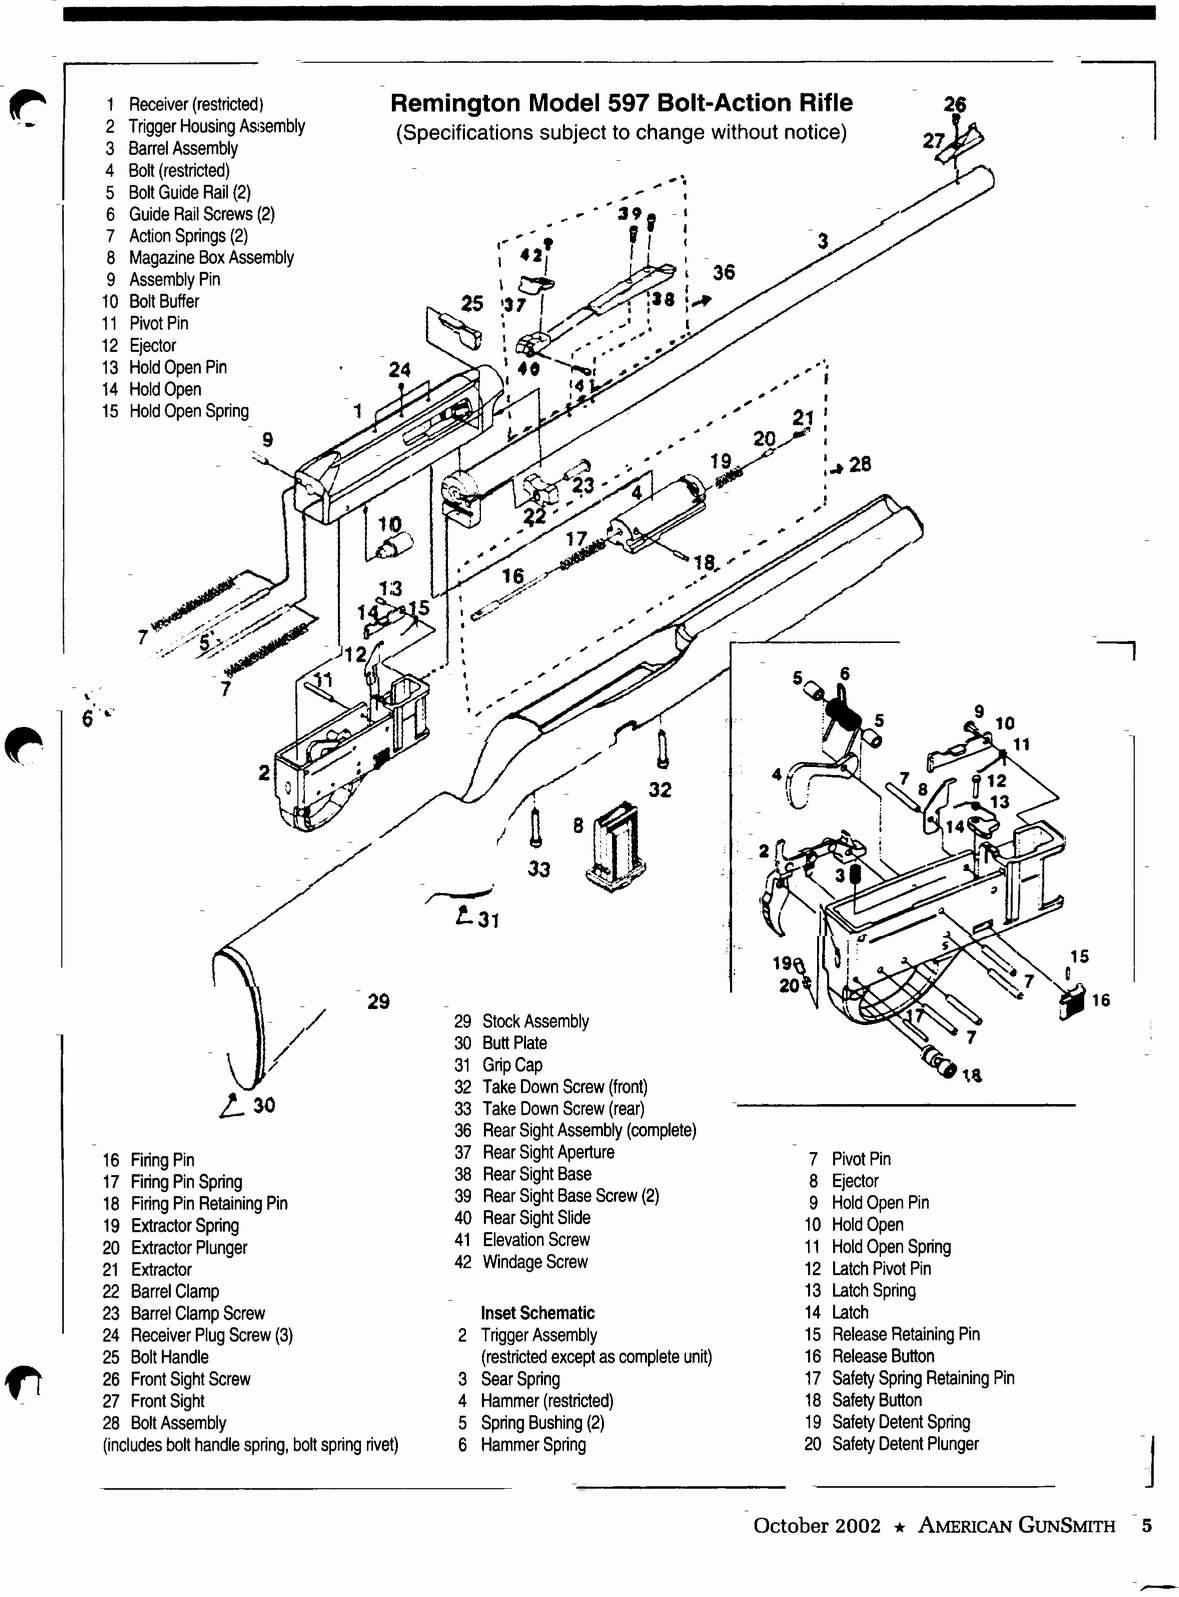 Remington 597 Parts Gallery